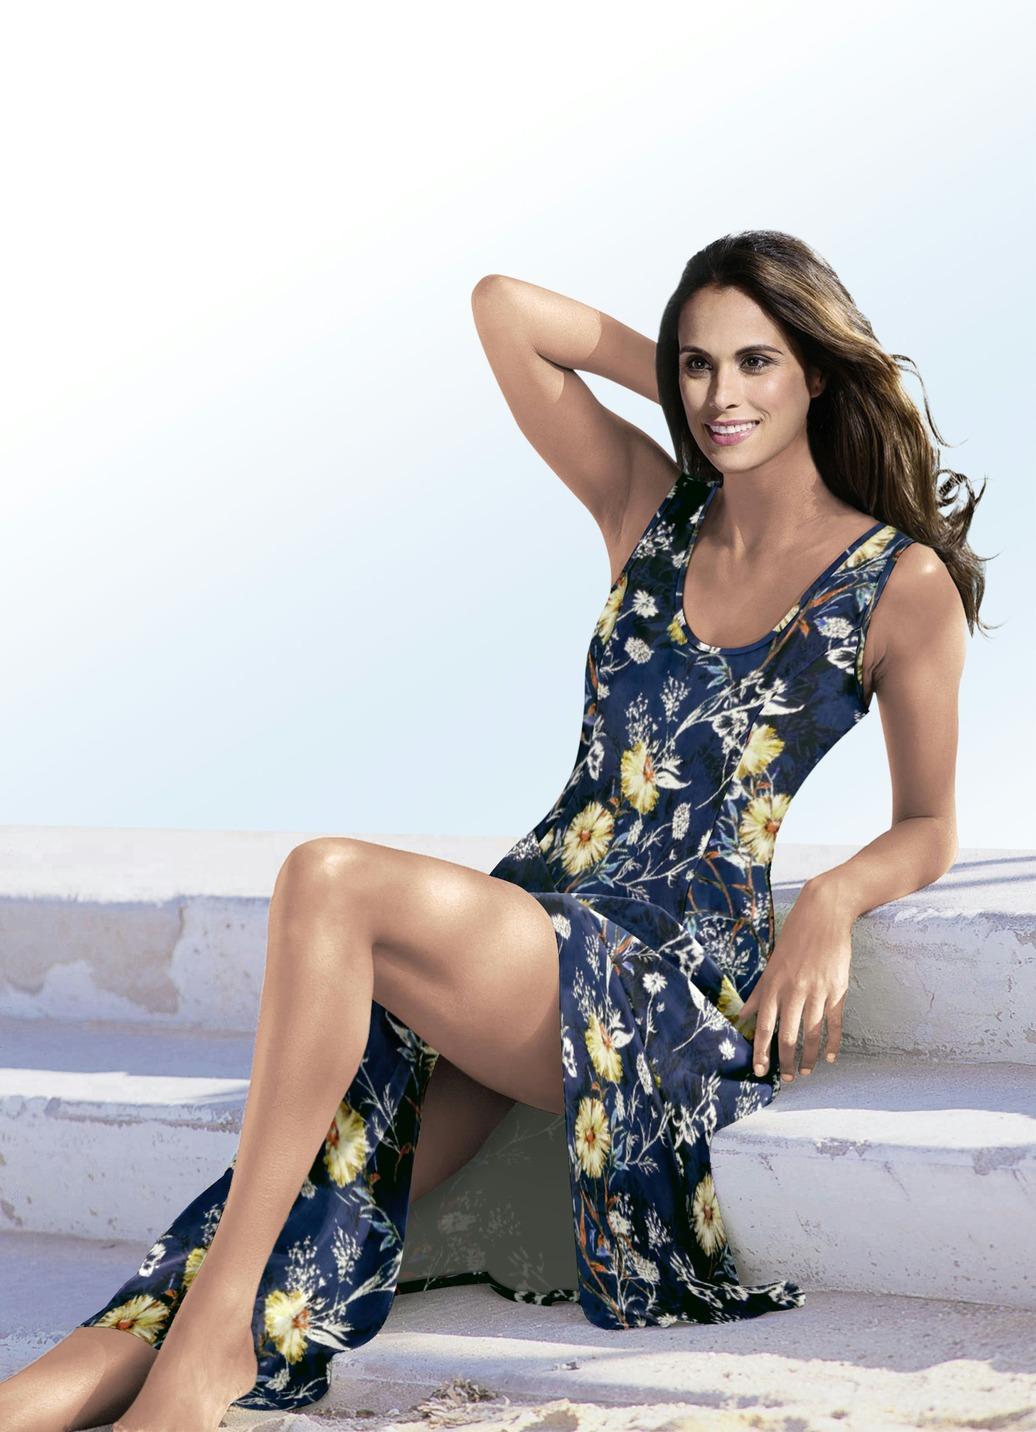 KLAUS MODELLE Kleid mit farbbrillantem Inkjet-Druck Petrol-Bunt Größe 52 Damen Preisvergleich